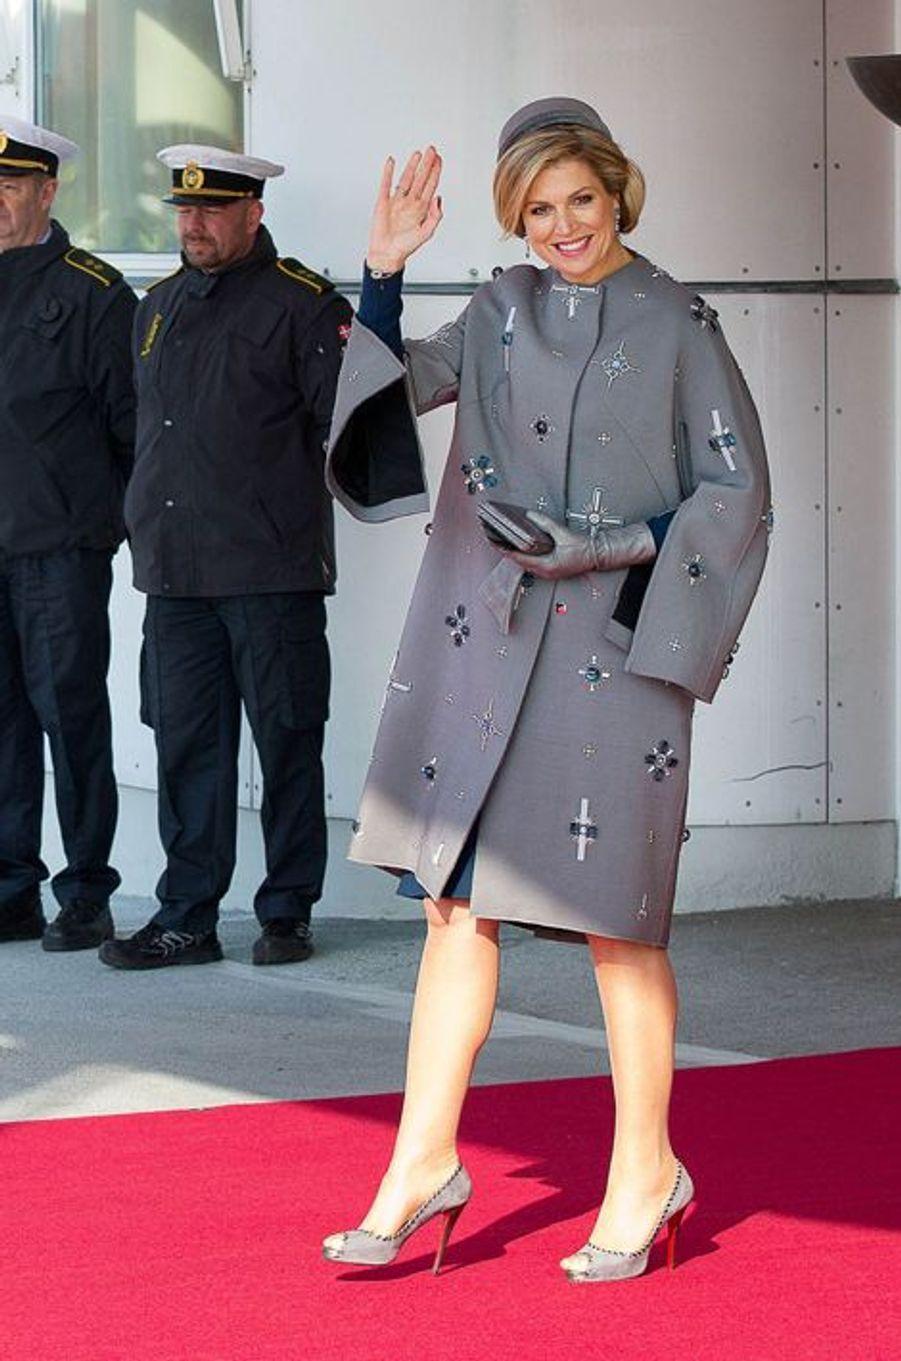 La reine Maxima des Pays-Bas à l'aéroport de Copenhague, le 17 mars 2015